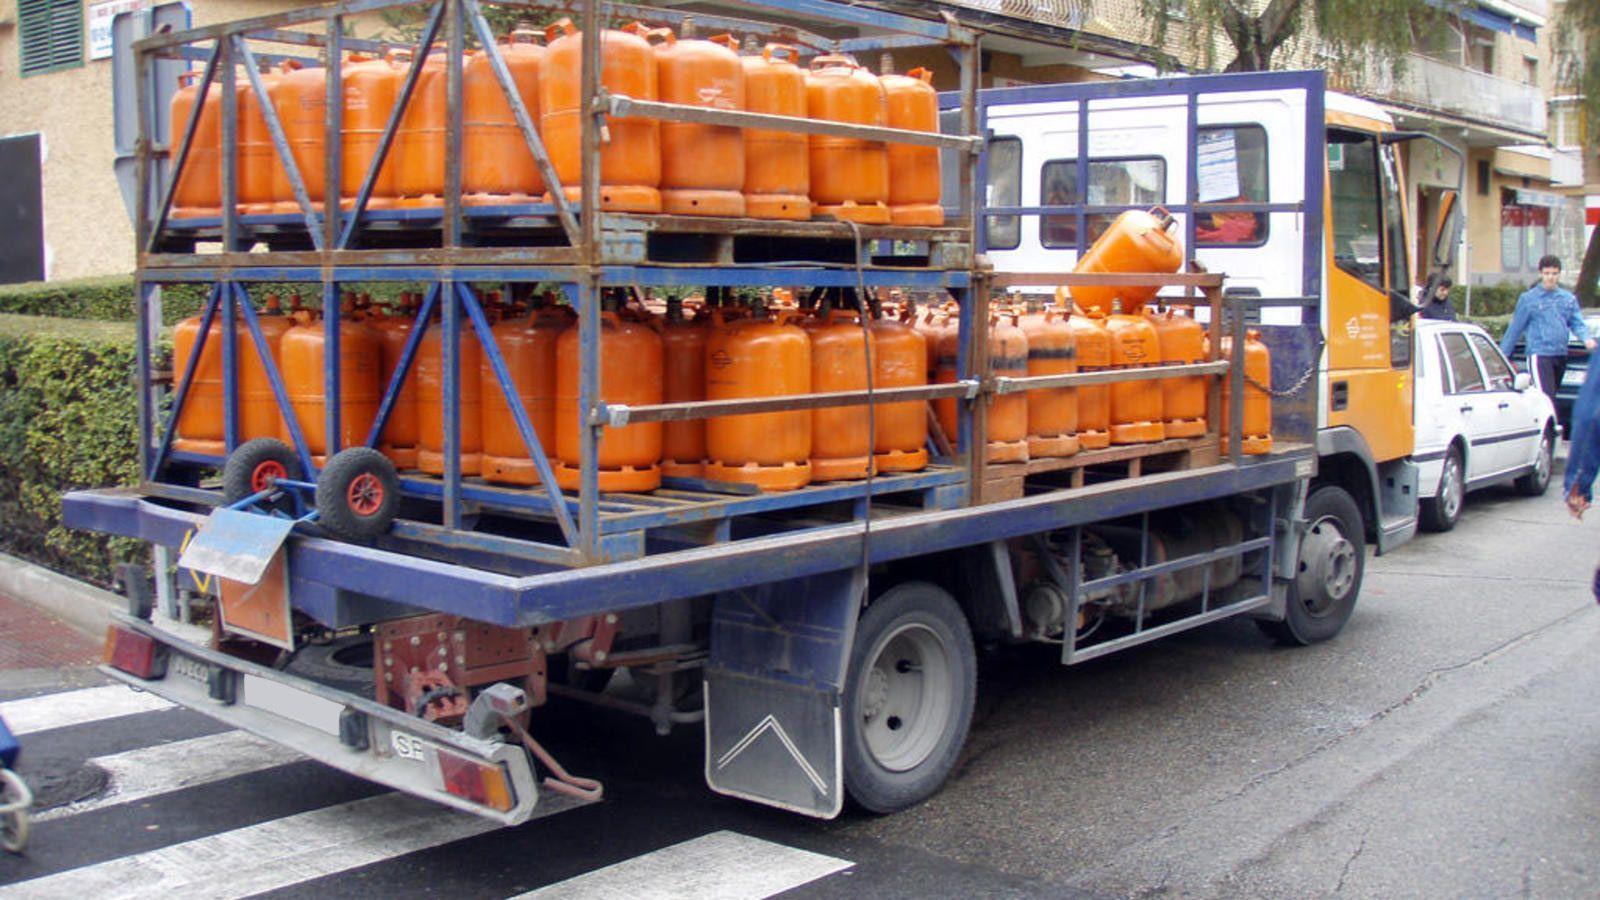 camion bombonas butano